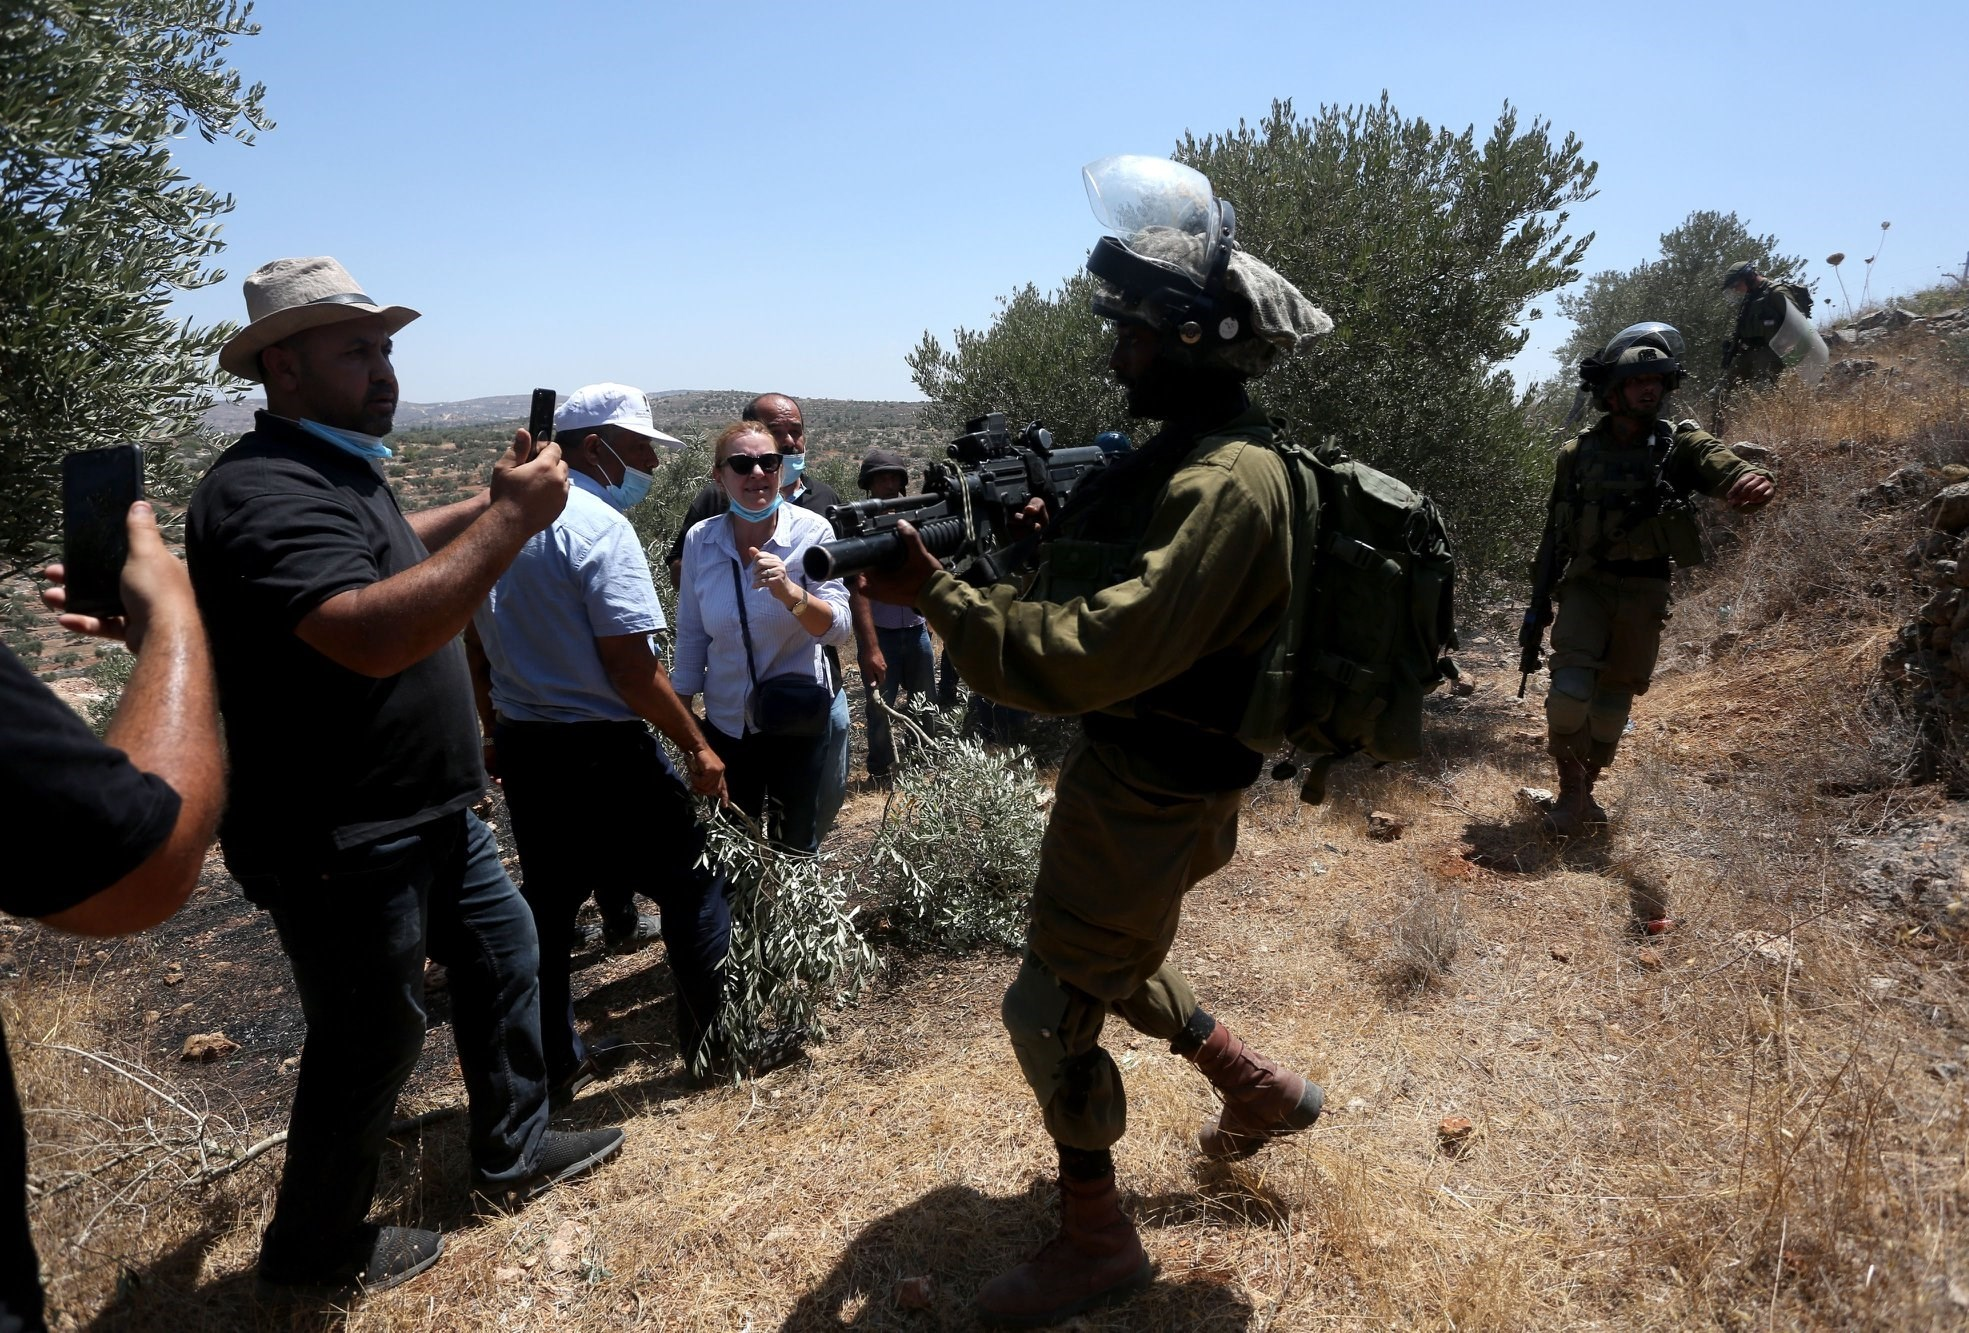 إصابات بالاختناق خلال قمع الاحتلال مسيرة مناهضة للاستيطان في منطقة جبل صبيح جنوب نابلس